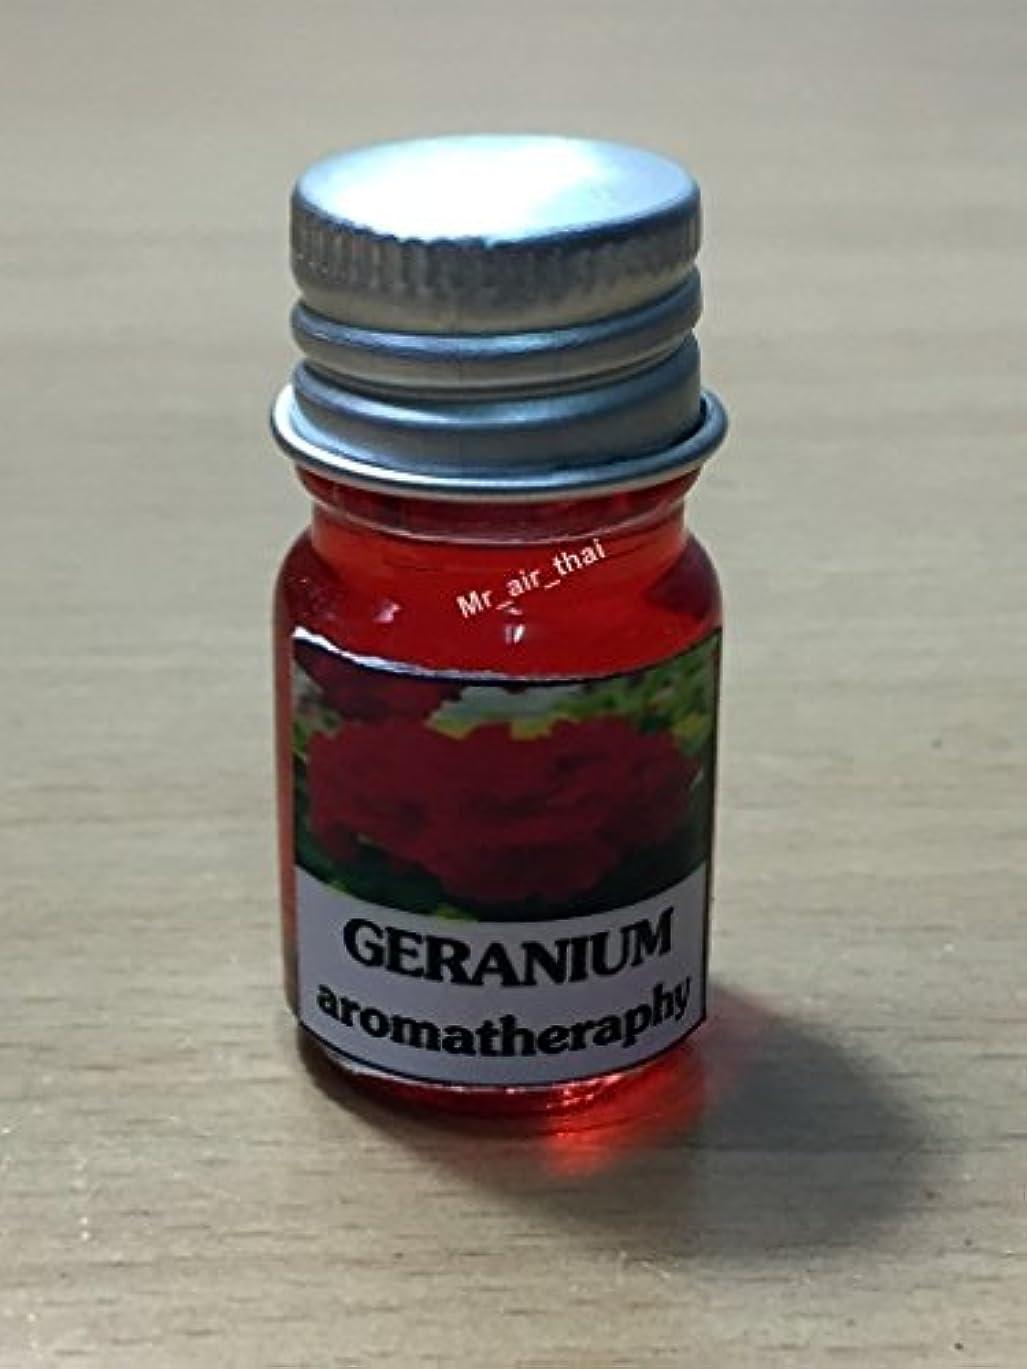 優しいハンドブック宇宙5ミリリットルアロマゼラニウムフランクインセンスエッセンシャルオイルボトルアロマテラピーオイル自然自然5ml Aroma Geranium Frankincense Essential Oil Bottles Aromatherapy...